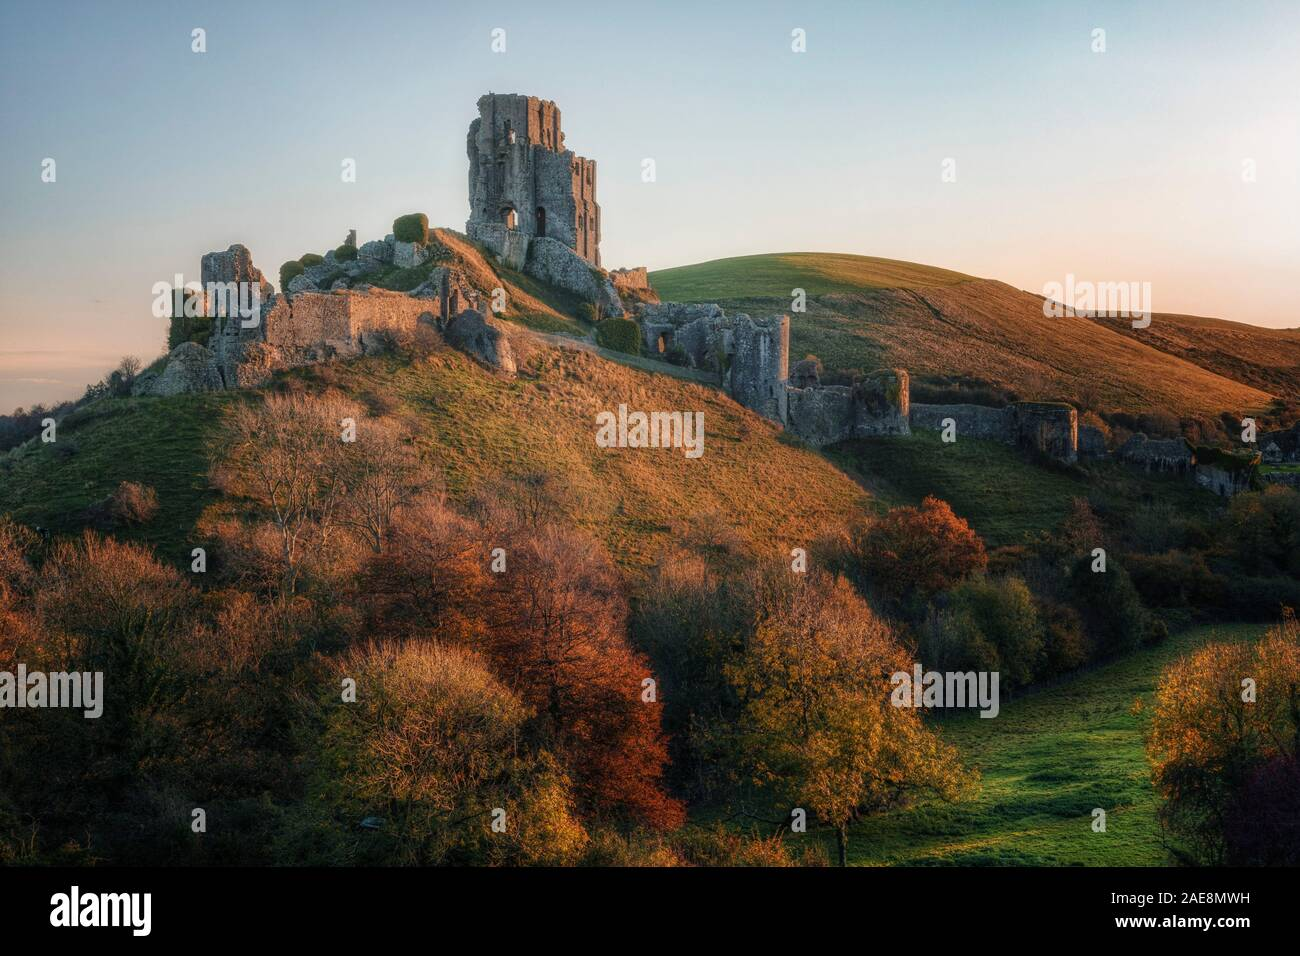 El castillo Corfe, en Dorset, Inglaterra, Reino Unido Foto de stock